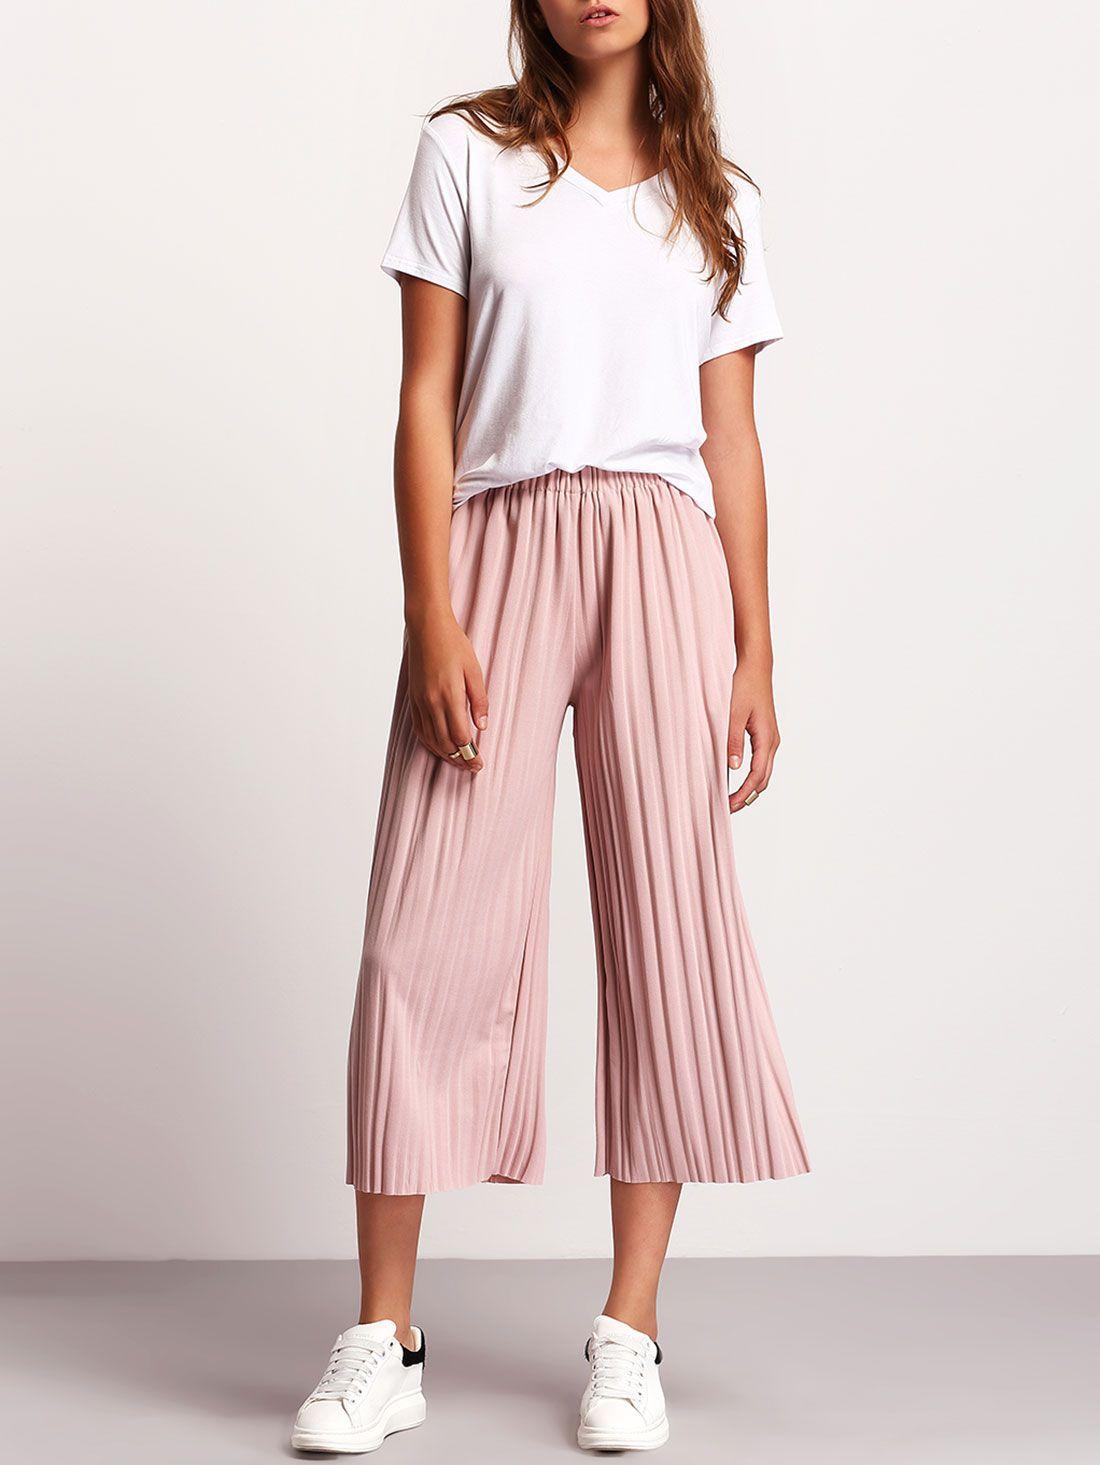 6f8d9810d Pantalon plissé taille élastique -rose | Fashion en 2019 | Pantalon ...